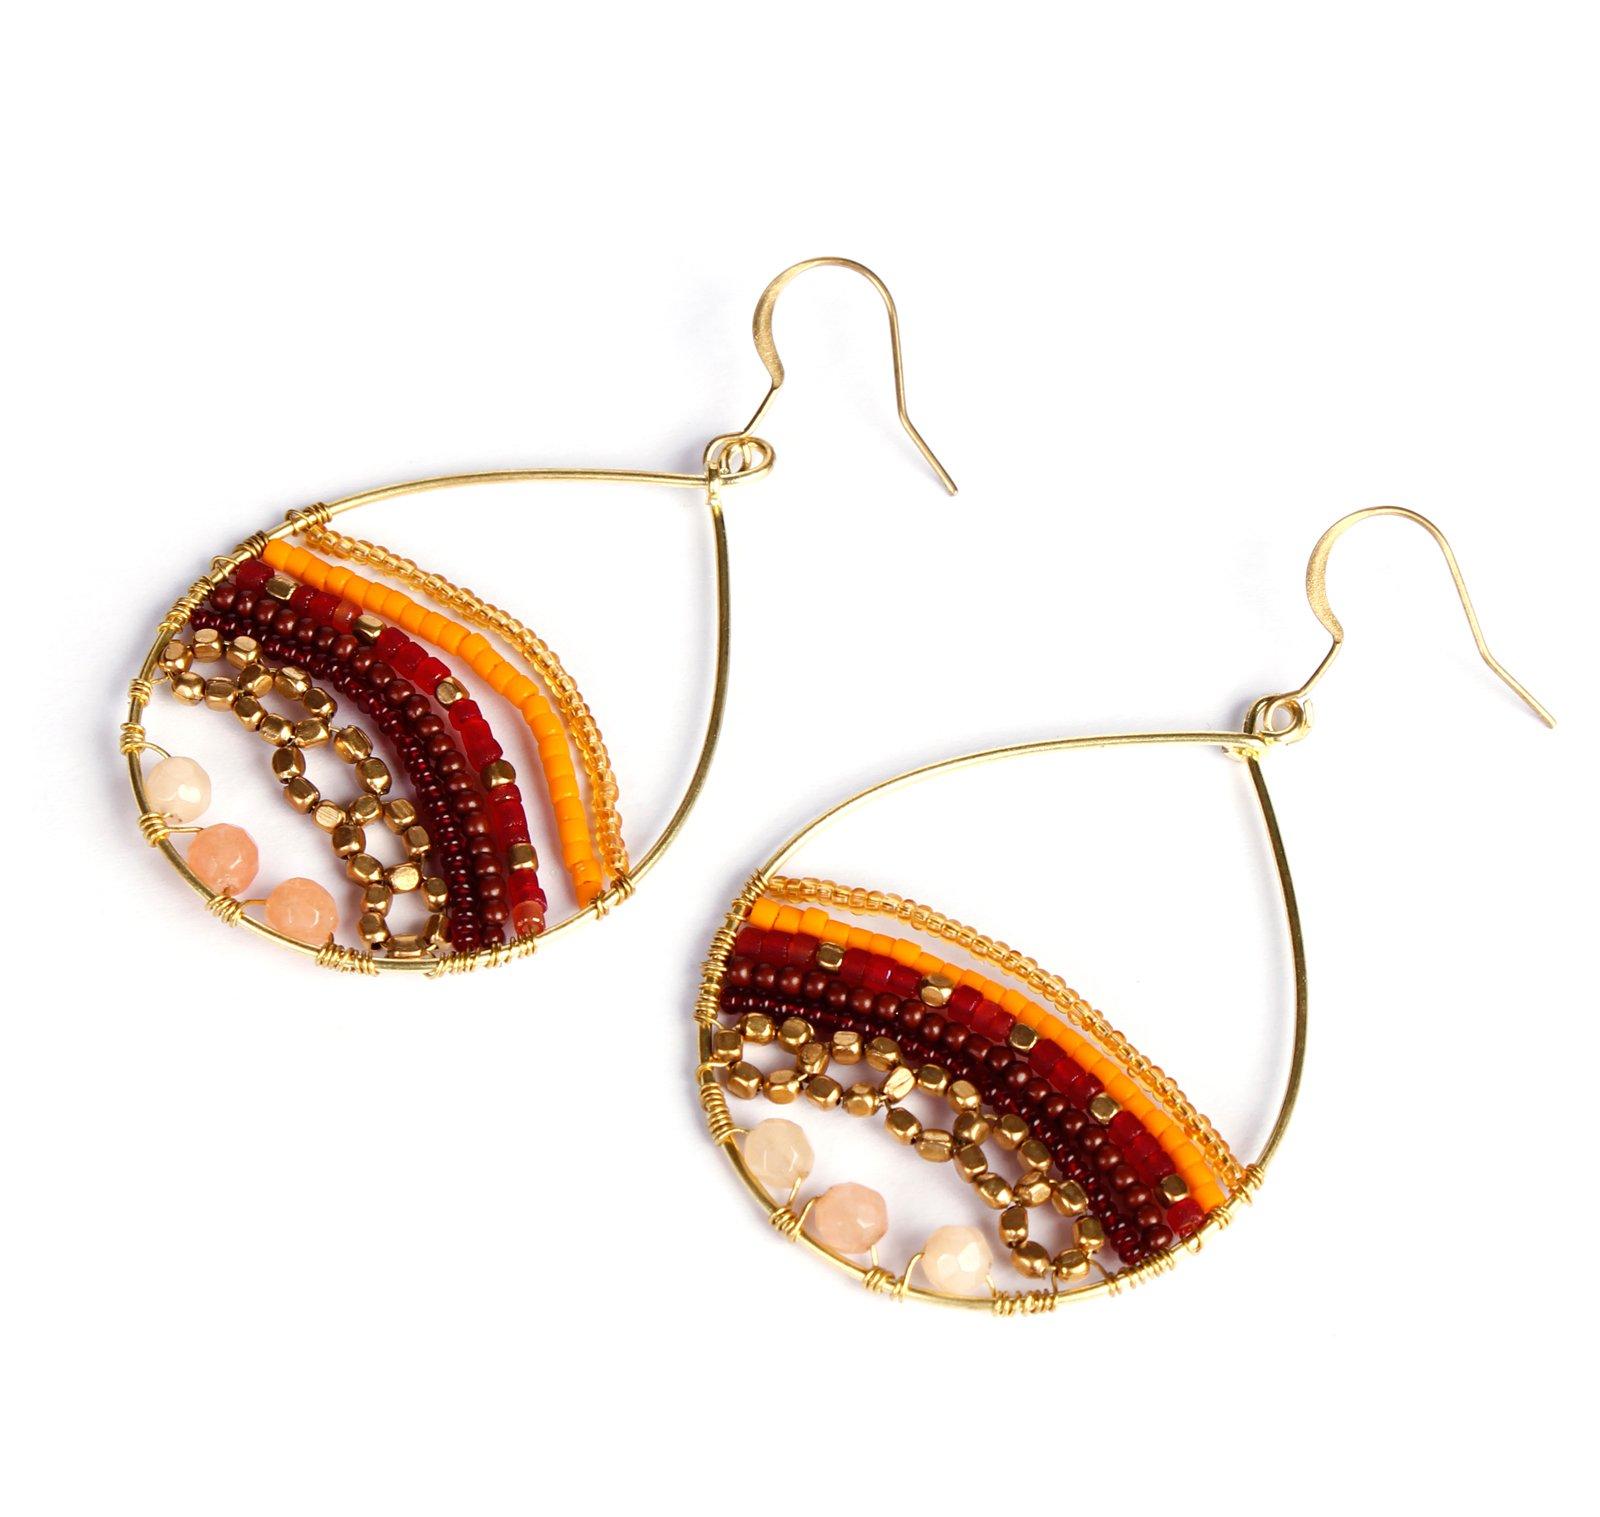 Akitai Santa Fe Brown Shades Beaded Art Bohemian Gypsy Jewelry Earrings Fashion Ideas